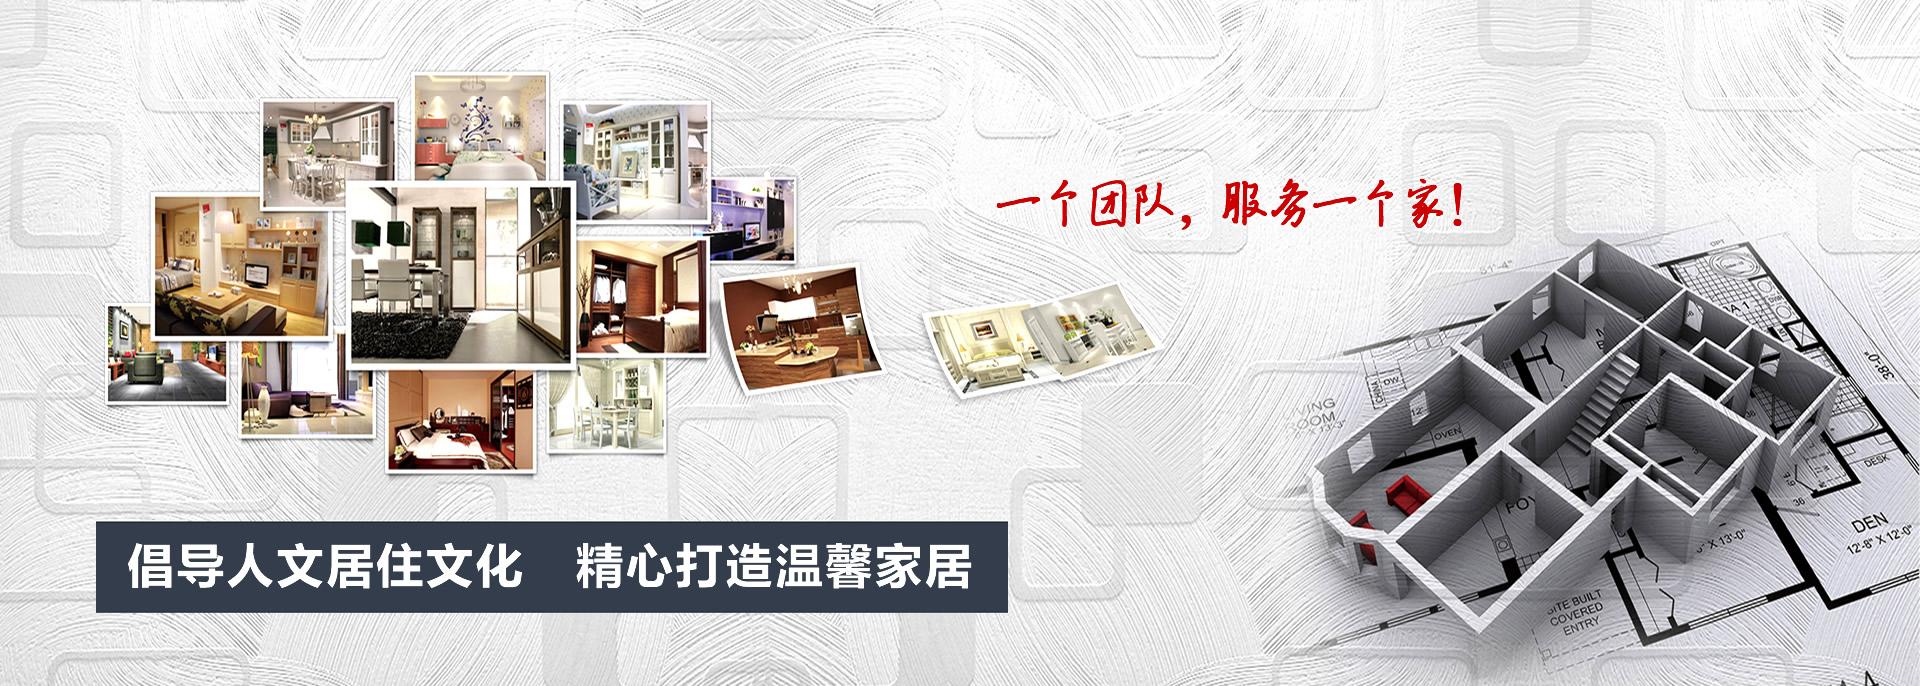 陕西黑龙江11选5基本走势图公司排行榜